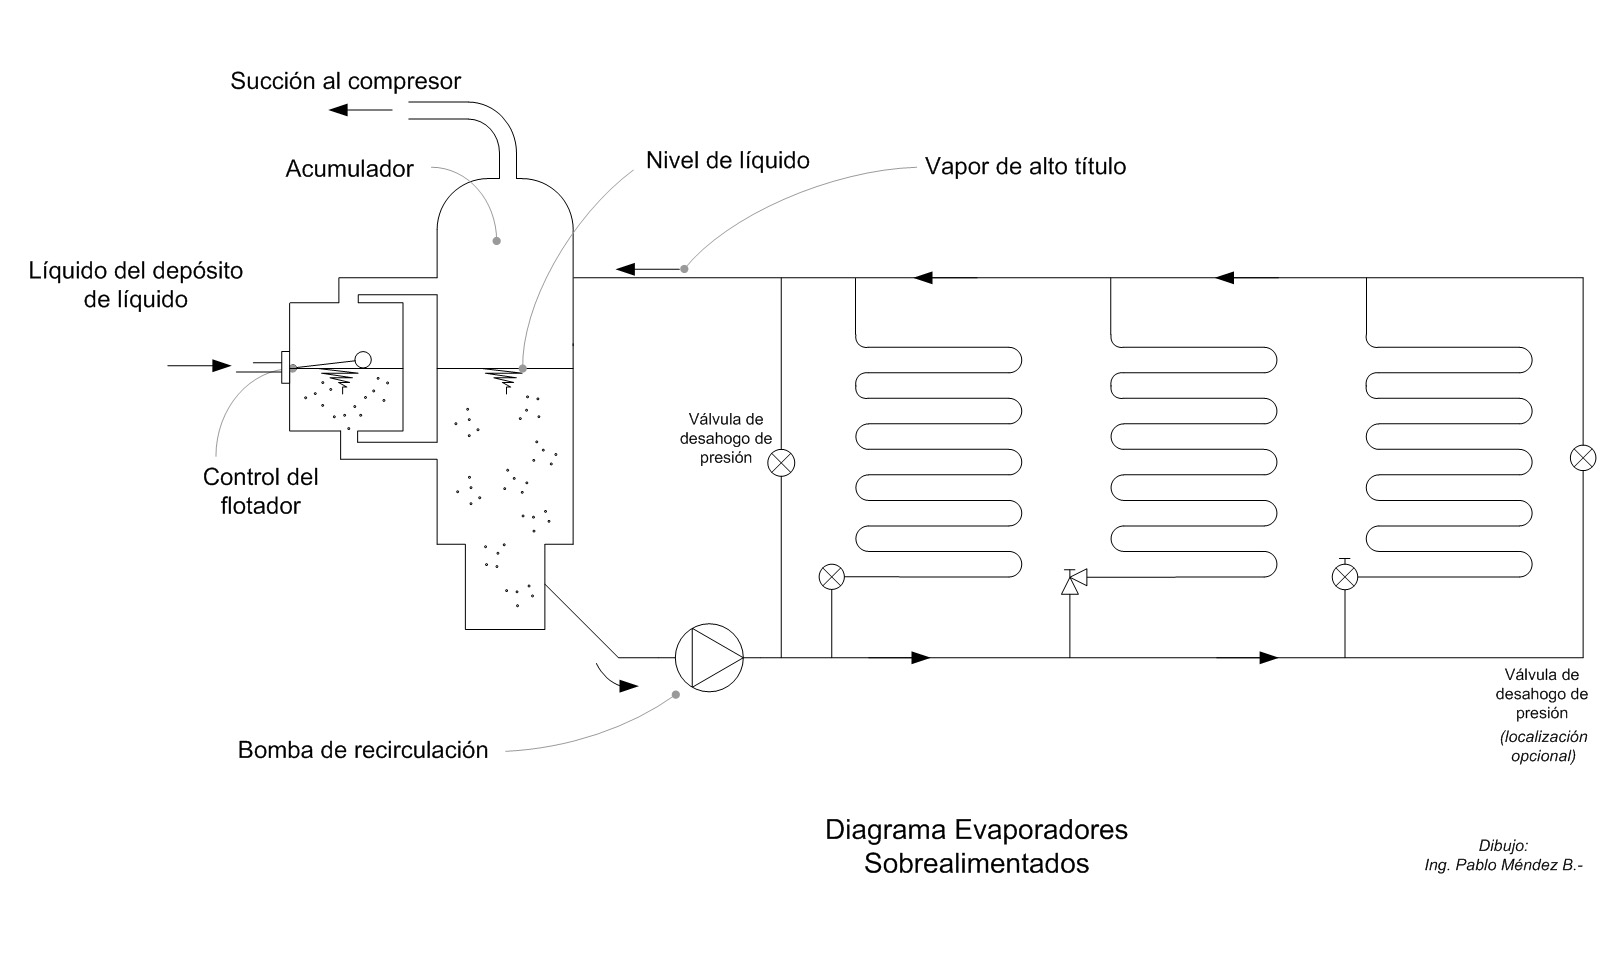 Partes del sistema de sobrealimentacion